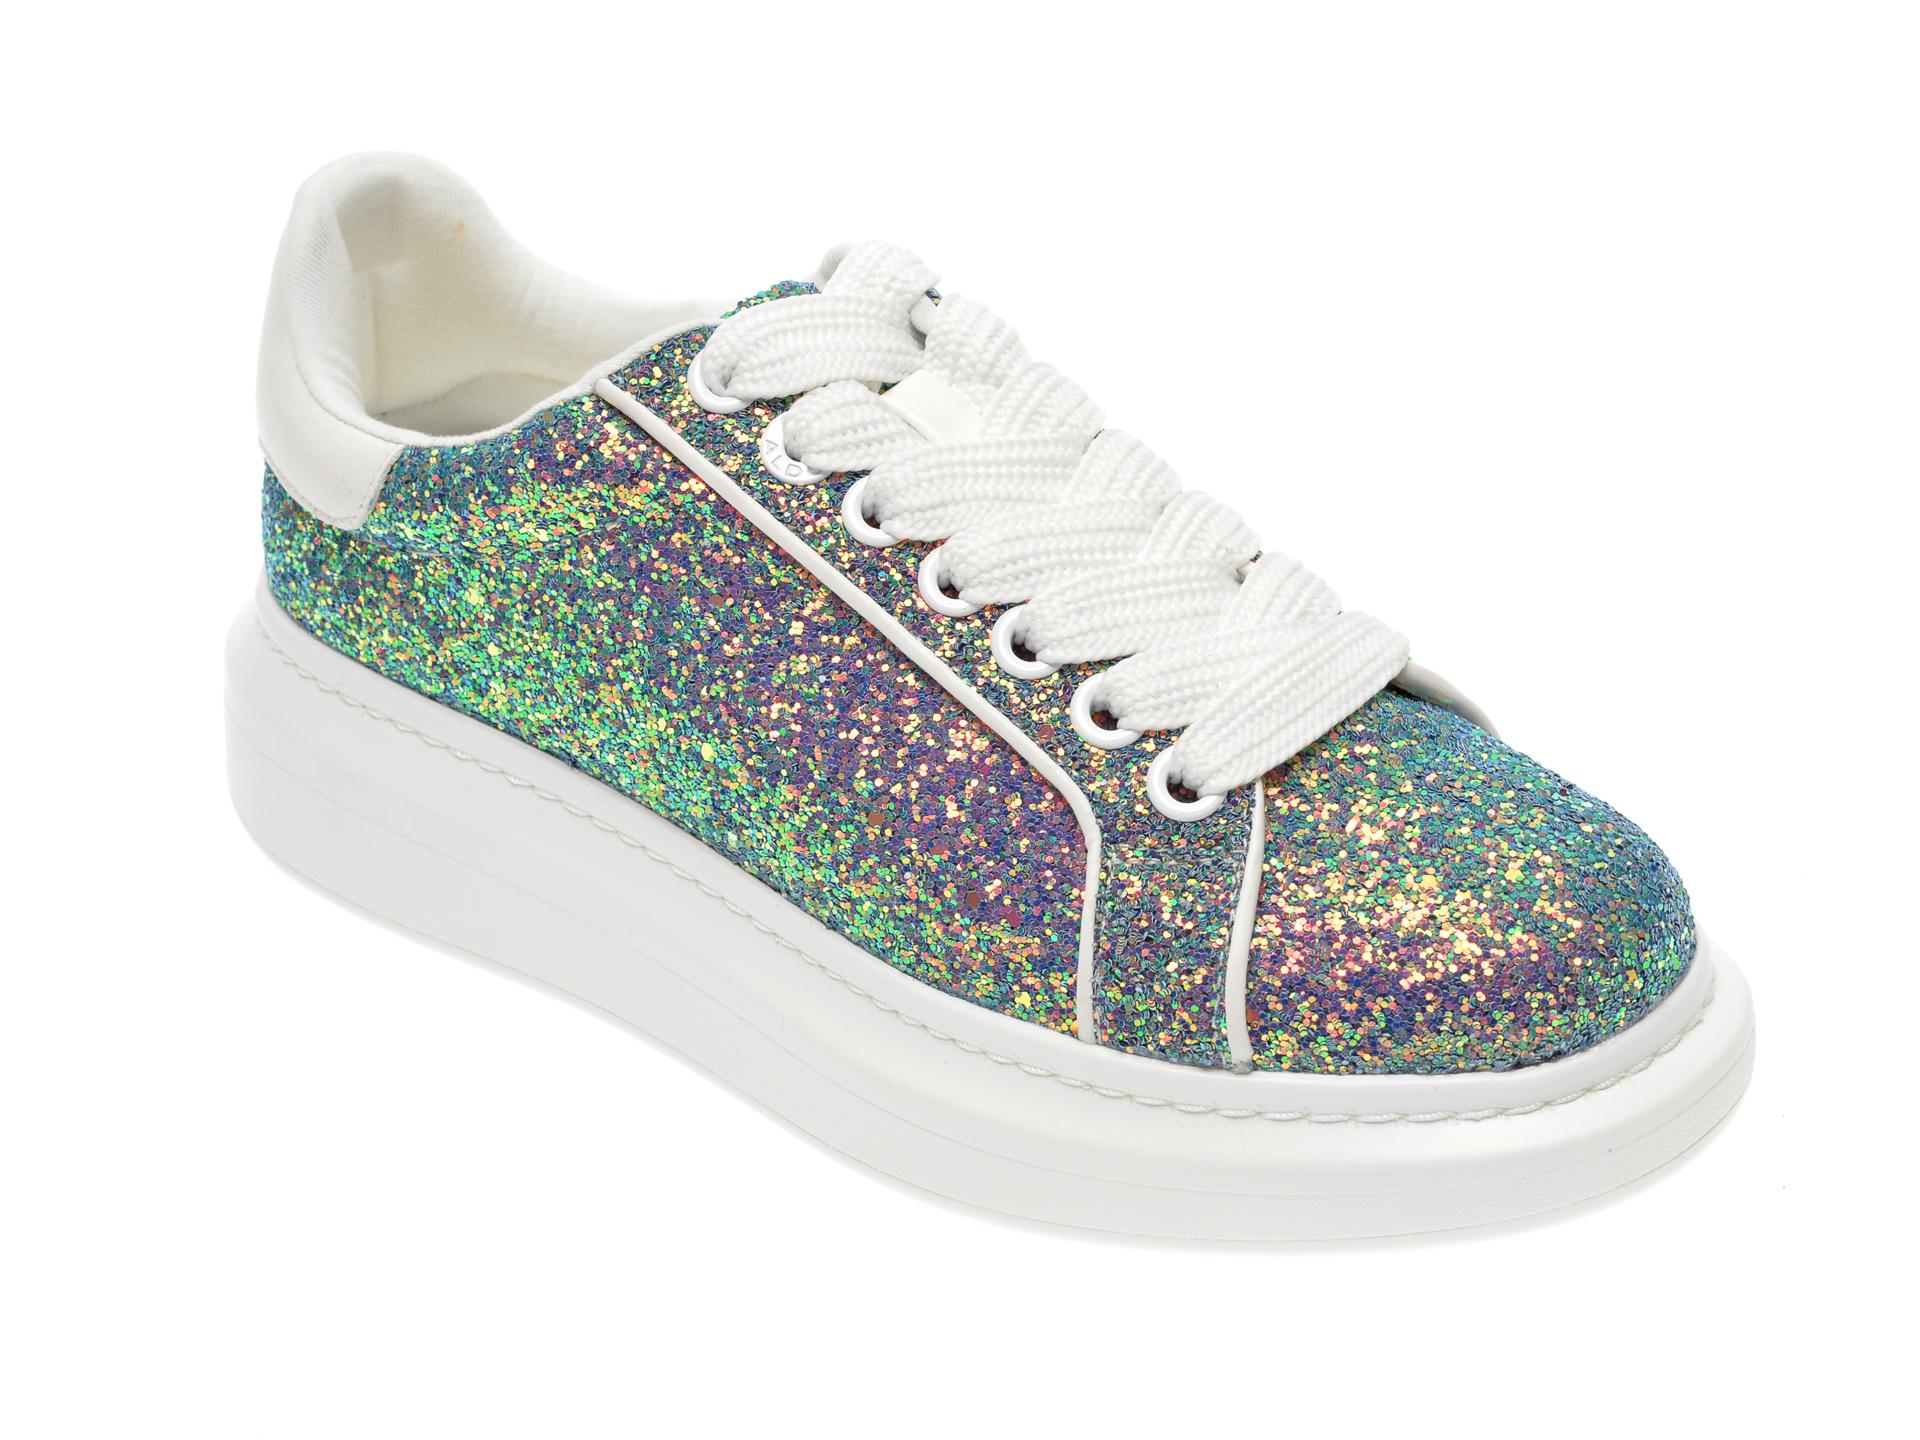 Pantofi sport ALDO multicolori, Radiant960, din piele ecologica New